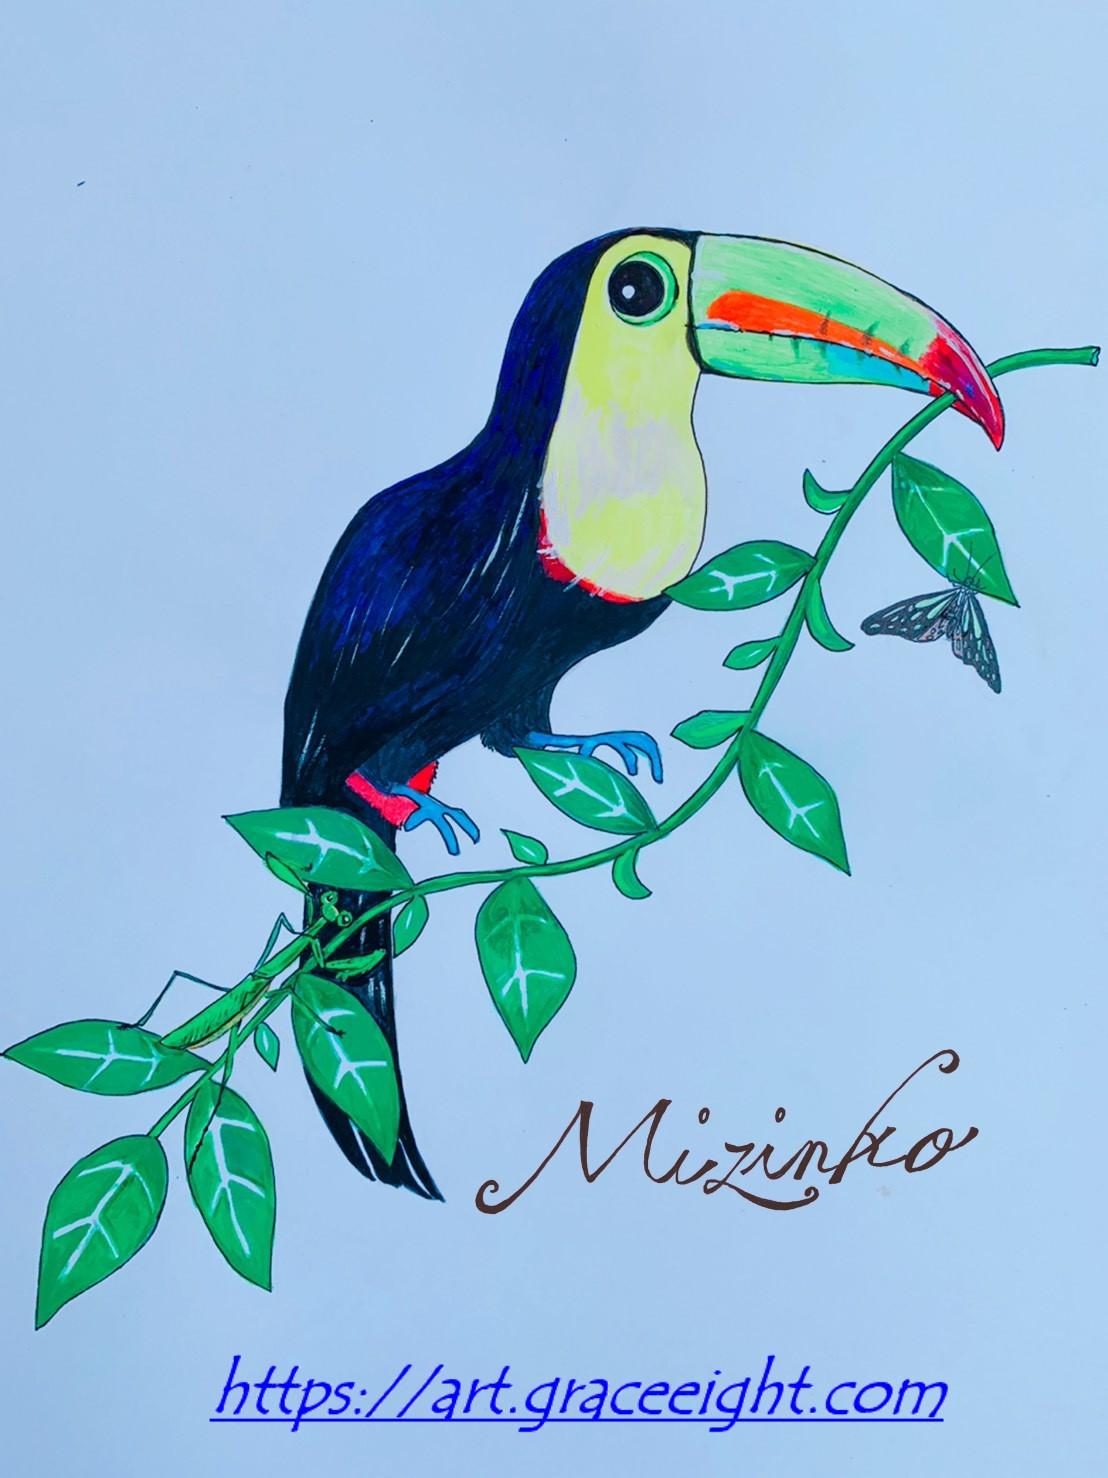 オオハシ(南米のカラフルな鳥)Miジンコ